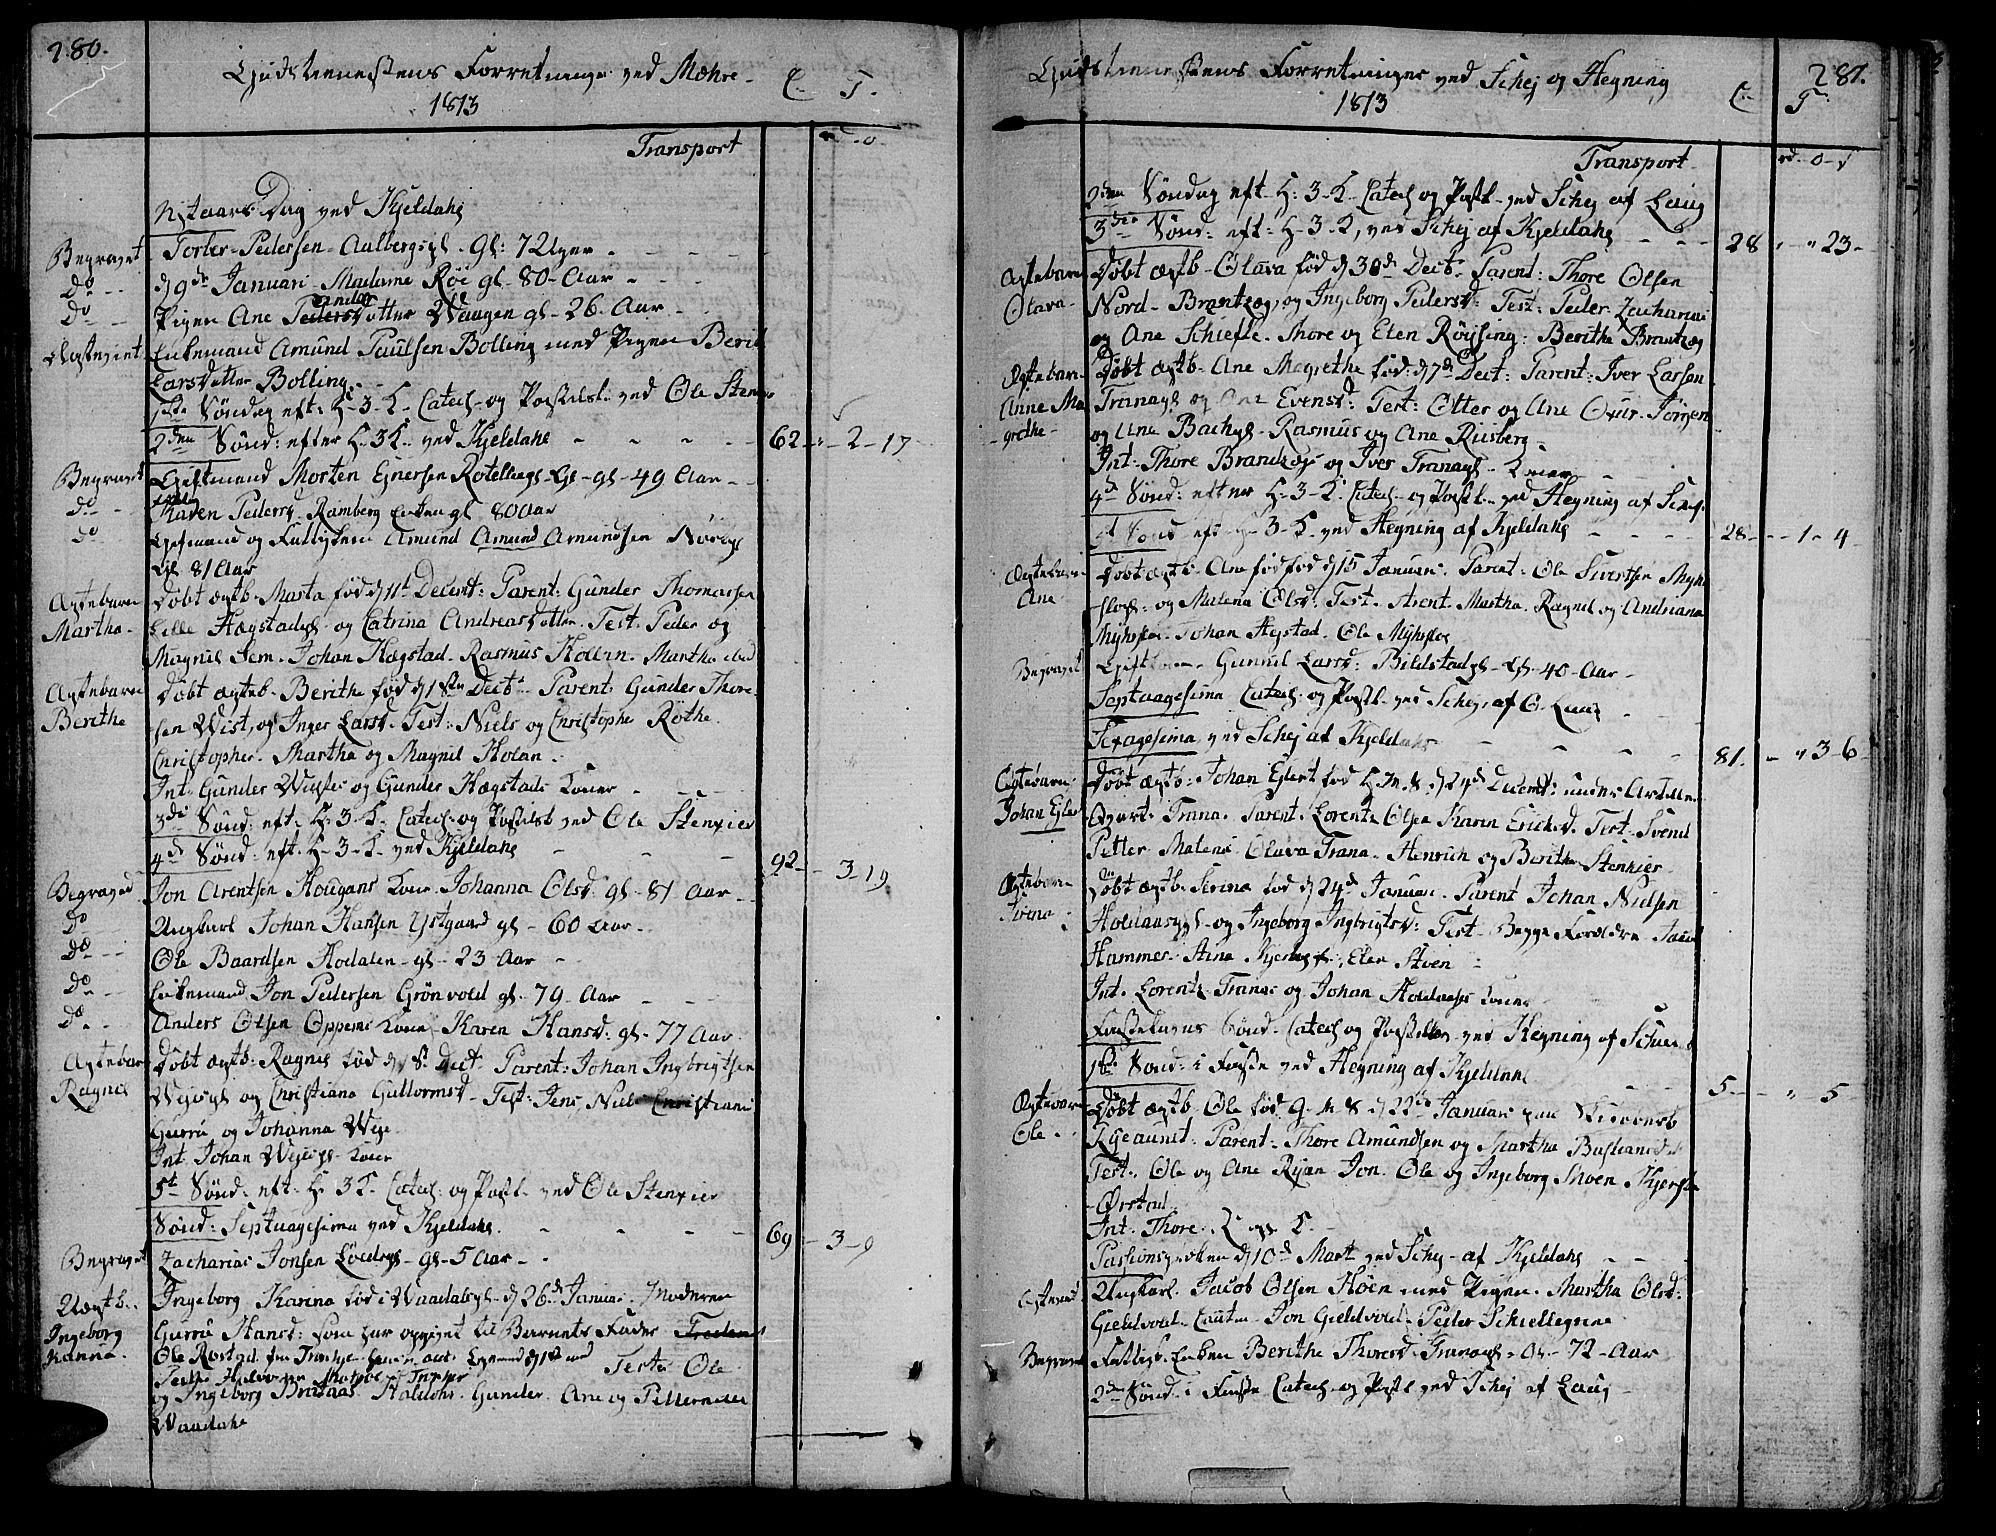 SAT, Ministerialprotokoller, klokkerbøker og fødselsregistre - Nord-Trøndelag, 735/L0332: Ministerialbok nr. 735A03, 1795-1816, s. 280-281